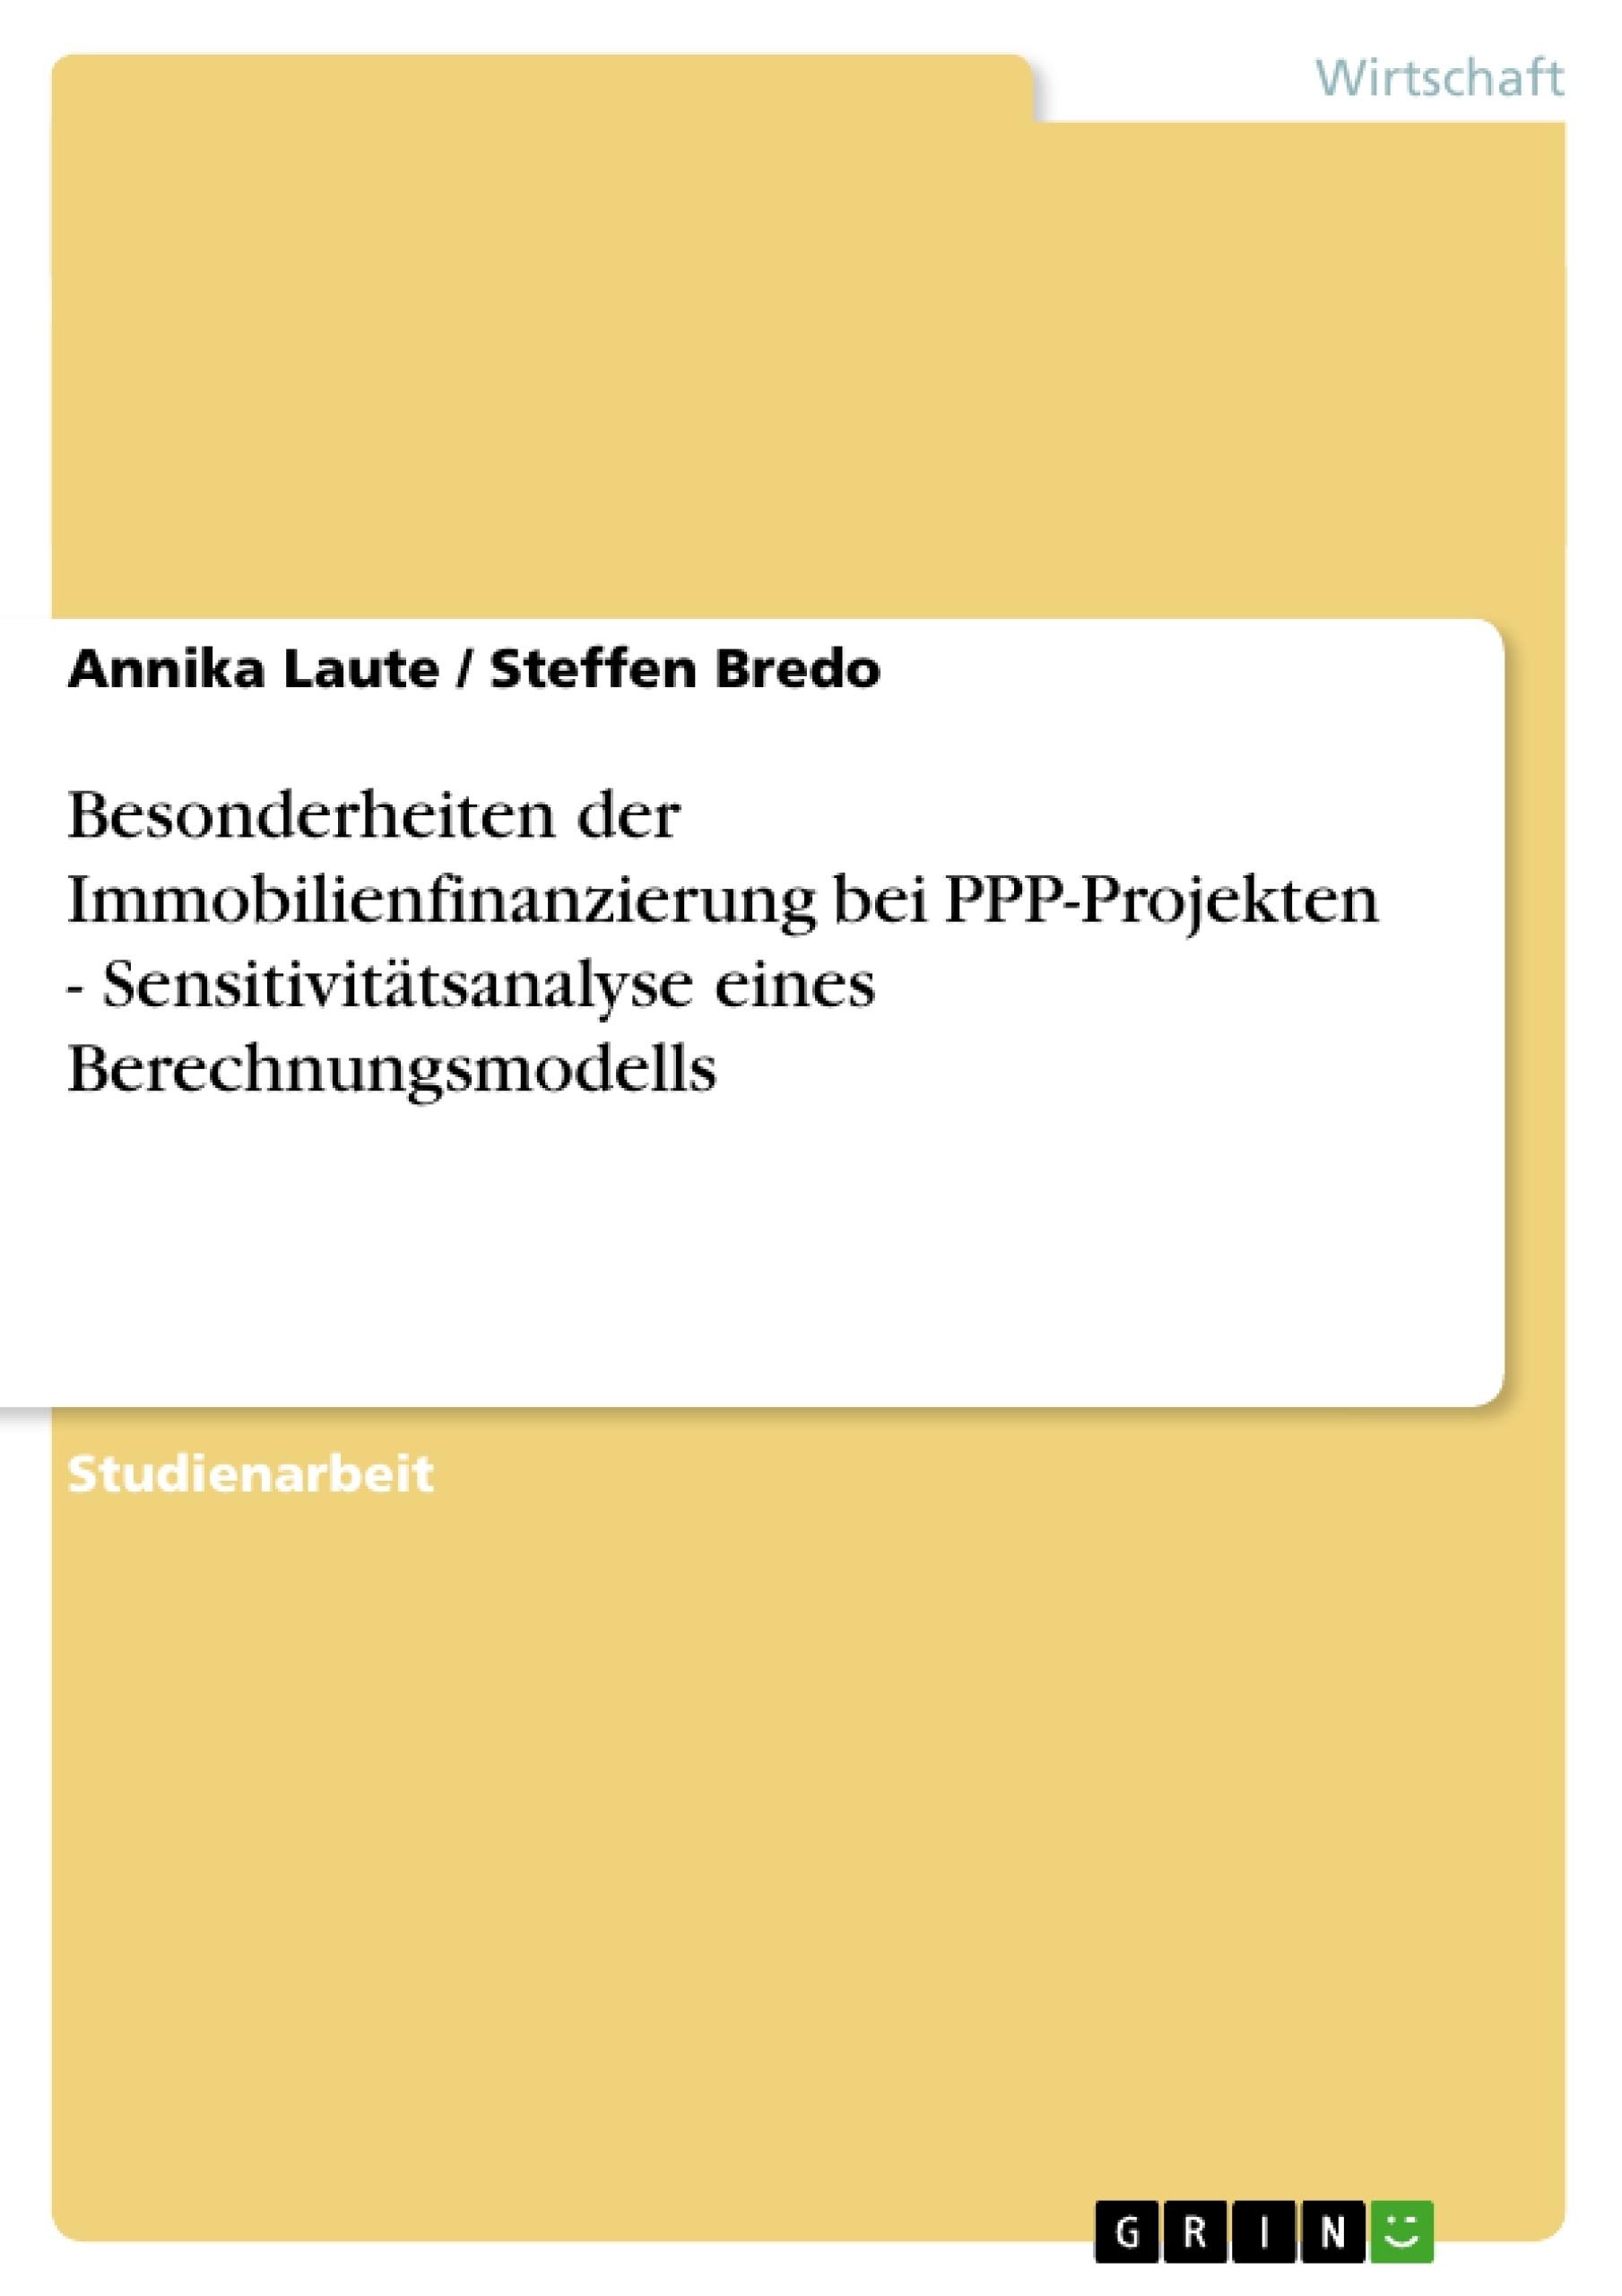 Titel: Besonderheiten der Immobilienfinanzierung bei PPP-Projekten - Sensitivitätsanalyse eines Berechnungsmodells